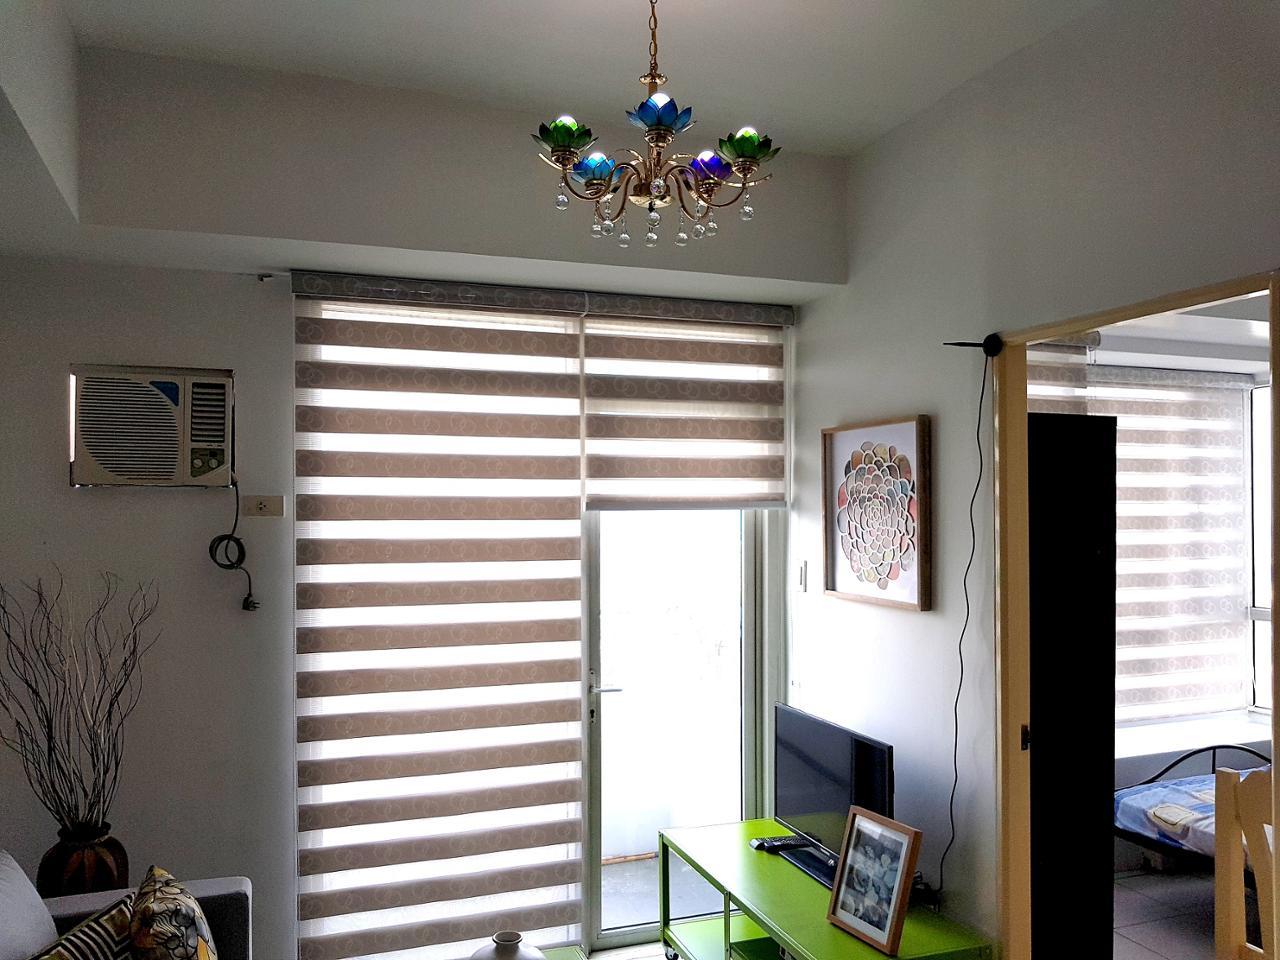 Condominium For Rent in Araneta Ave. Cor Aurora Blvd., Manila, Ncr